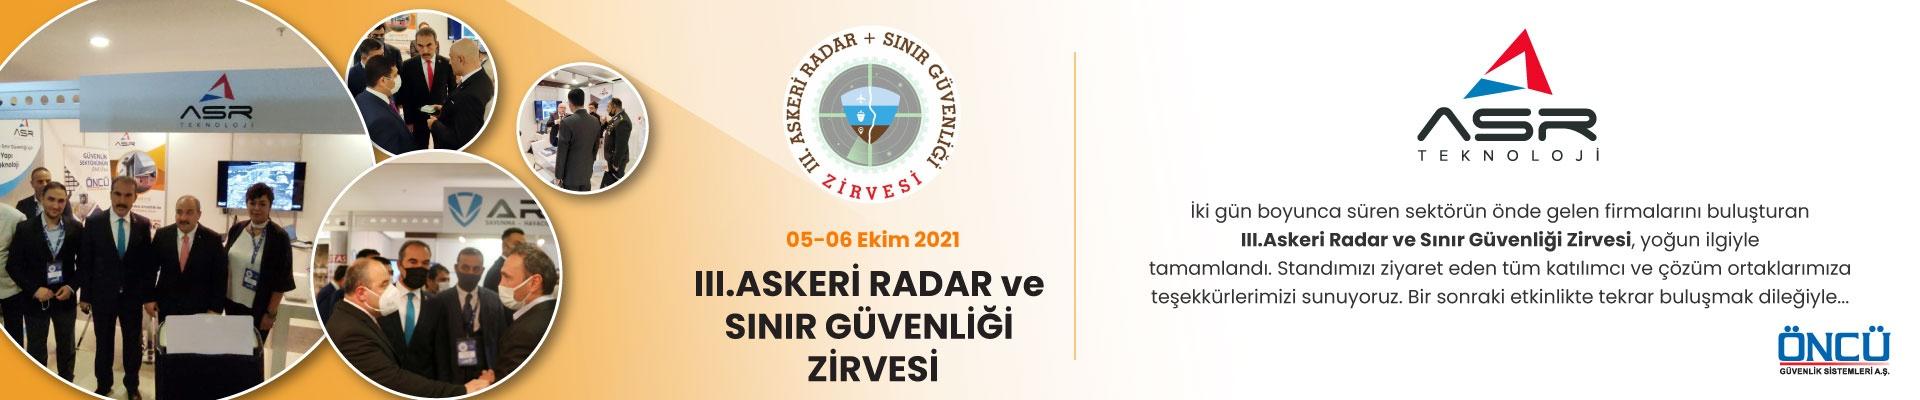 III.Askeri Radar ve Sınır Güvenliği Zirvesi